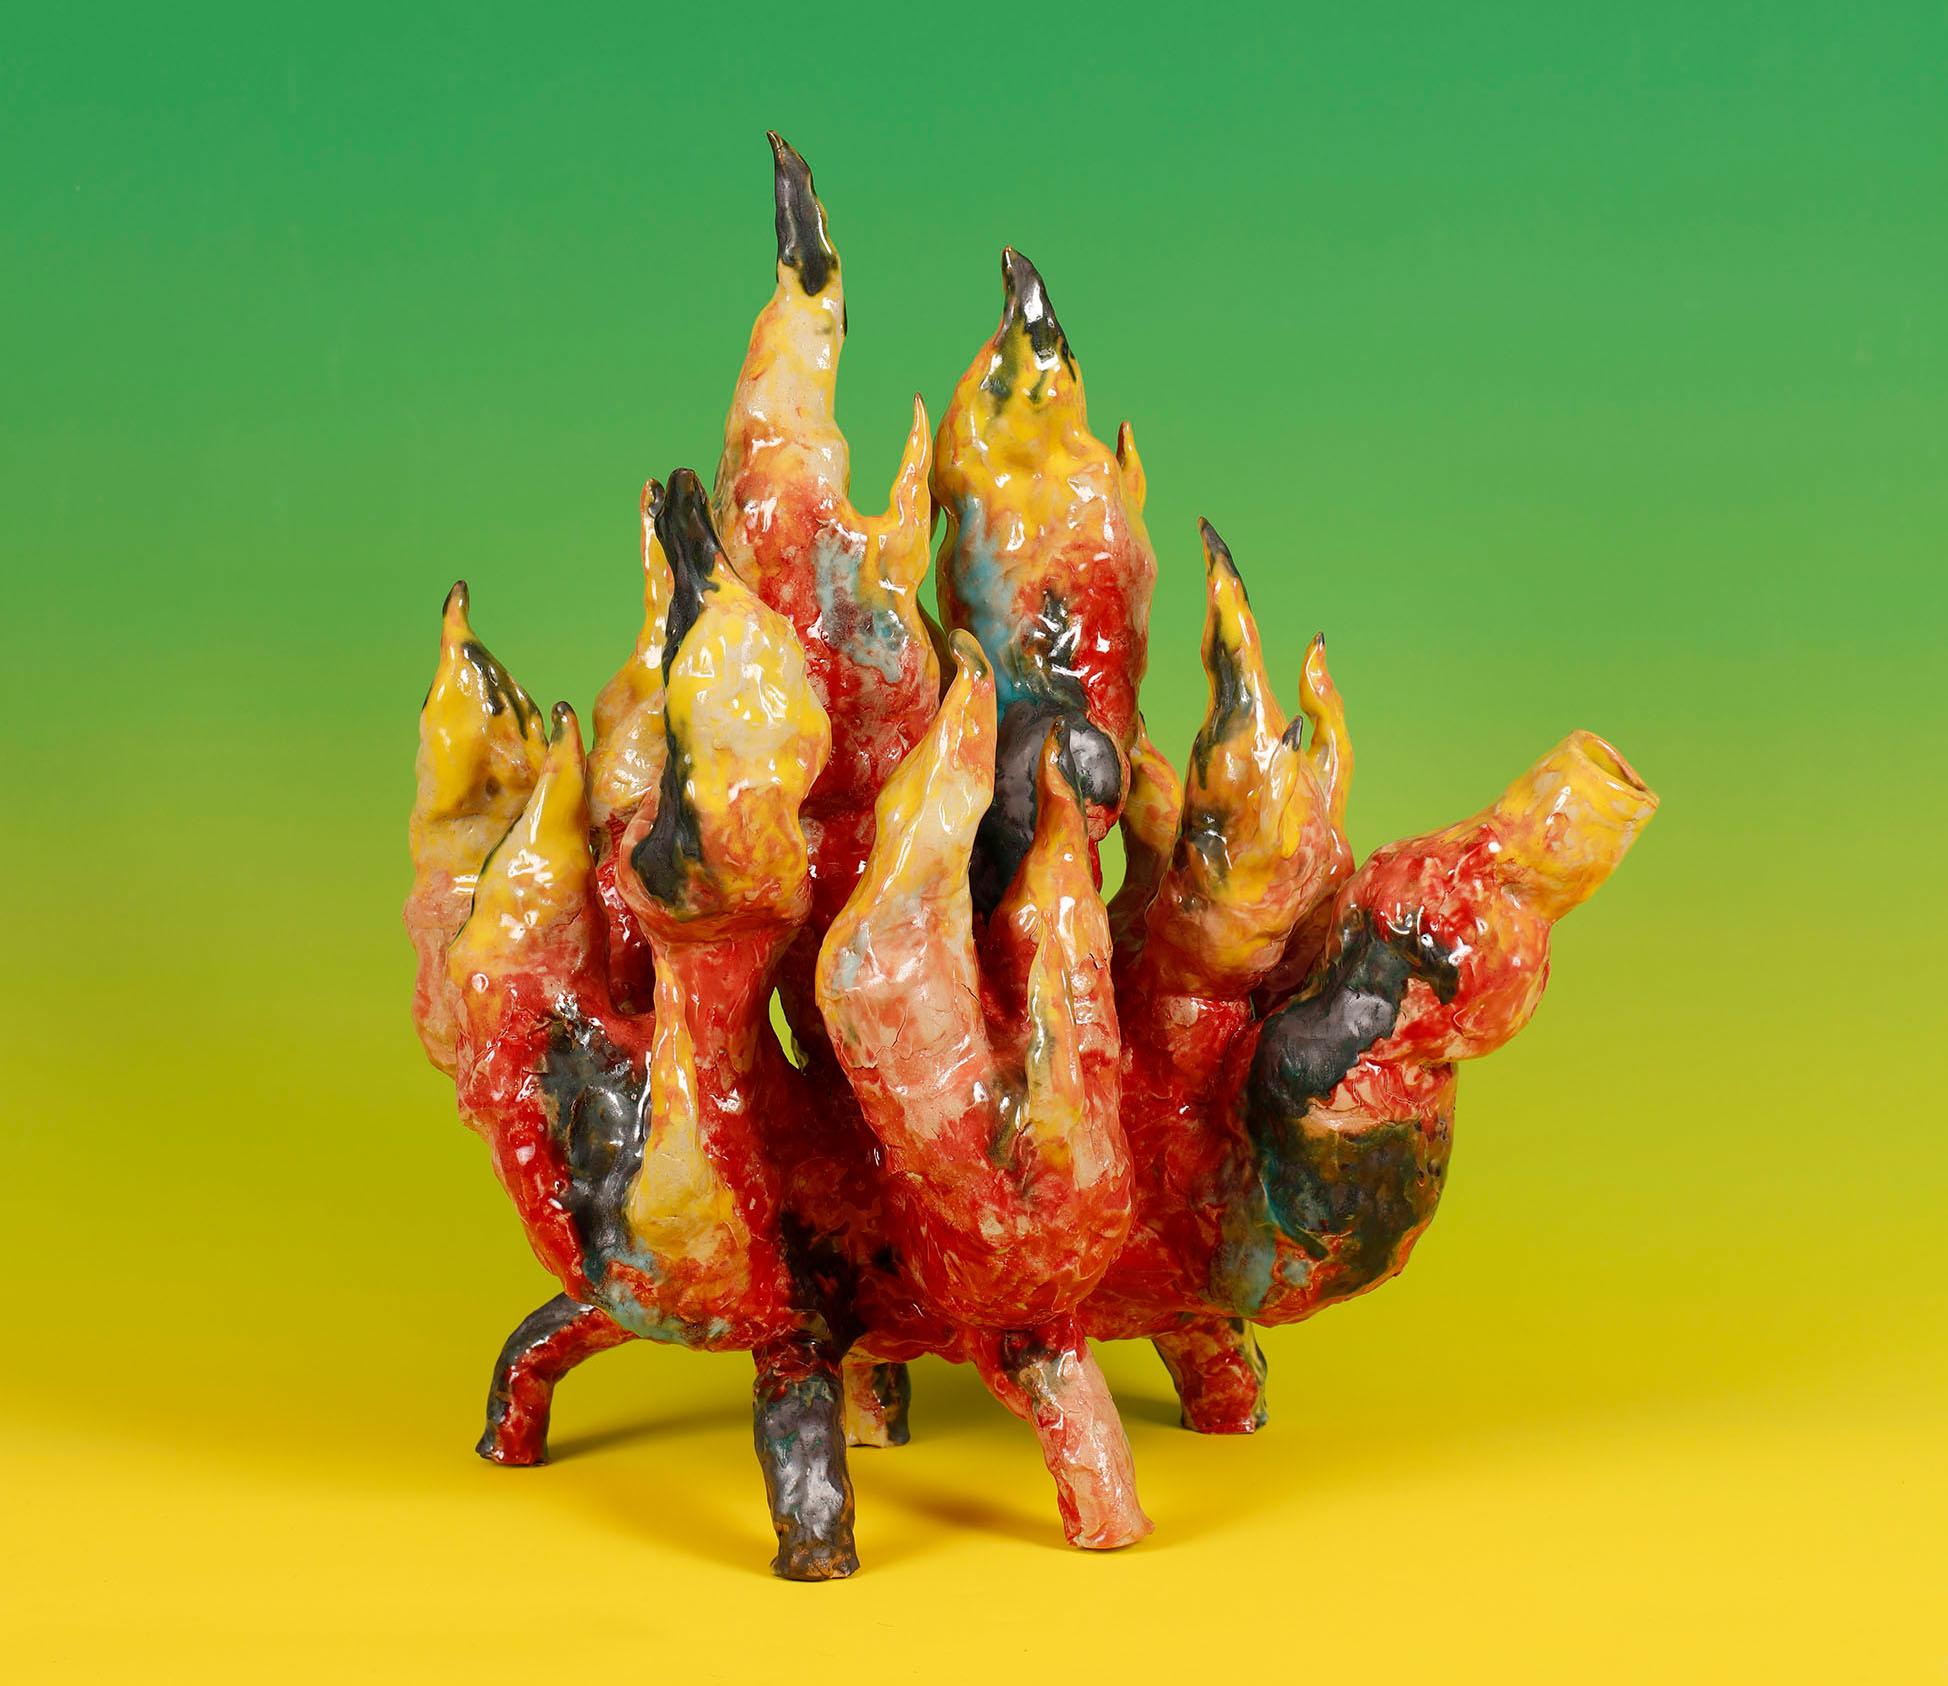 Sur un fond jaune-vert se dresse une sculpture de verre colorée qui rappelle fortement les flammes.